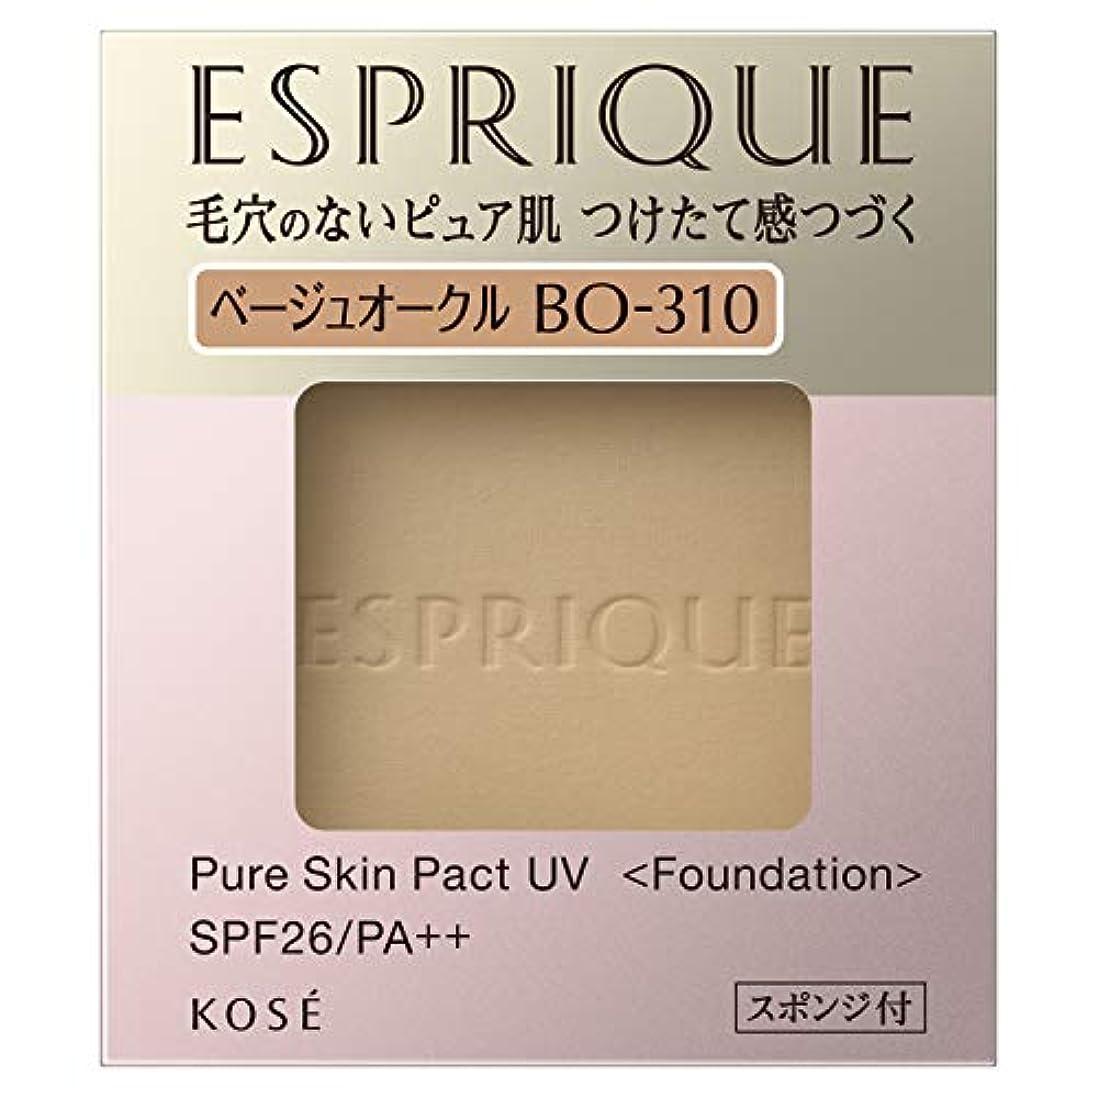 潮場所委任エスプリーク ピュアスキン パクト UV BO-310 ベージュオークル 9.3g